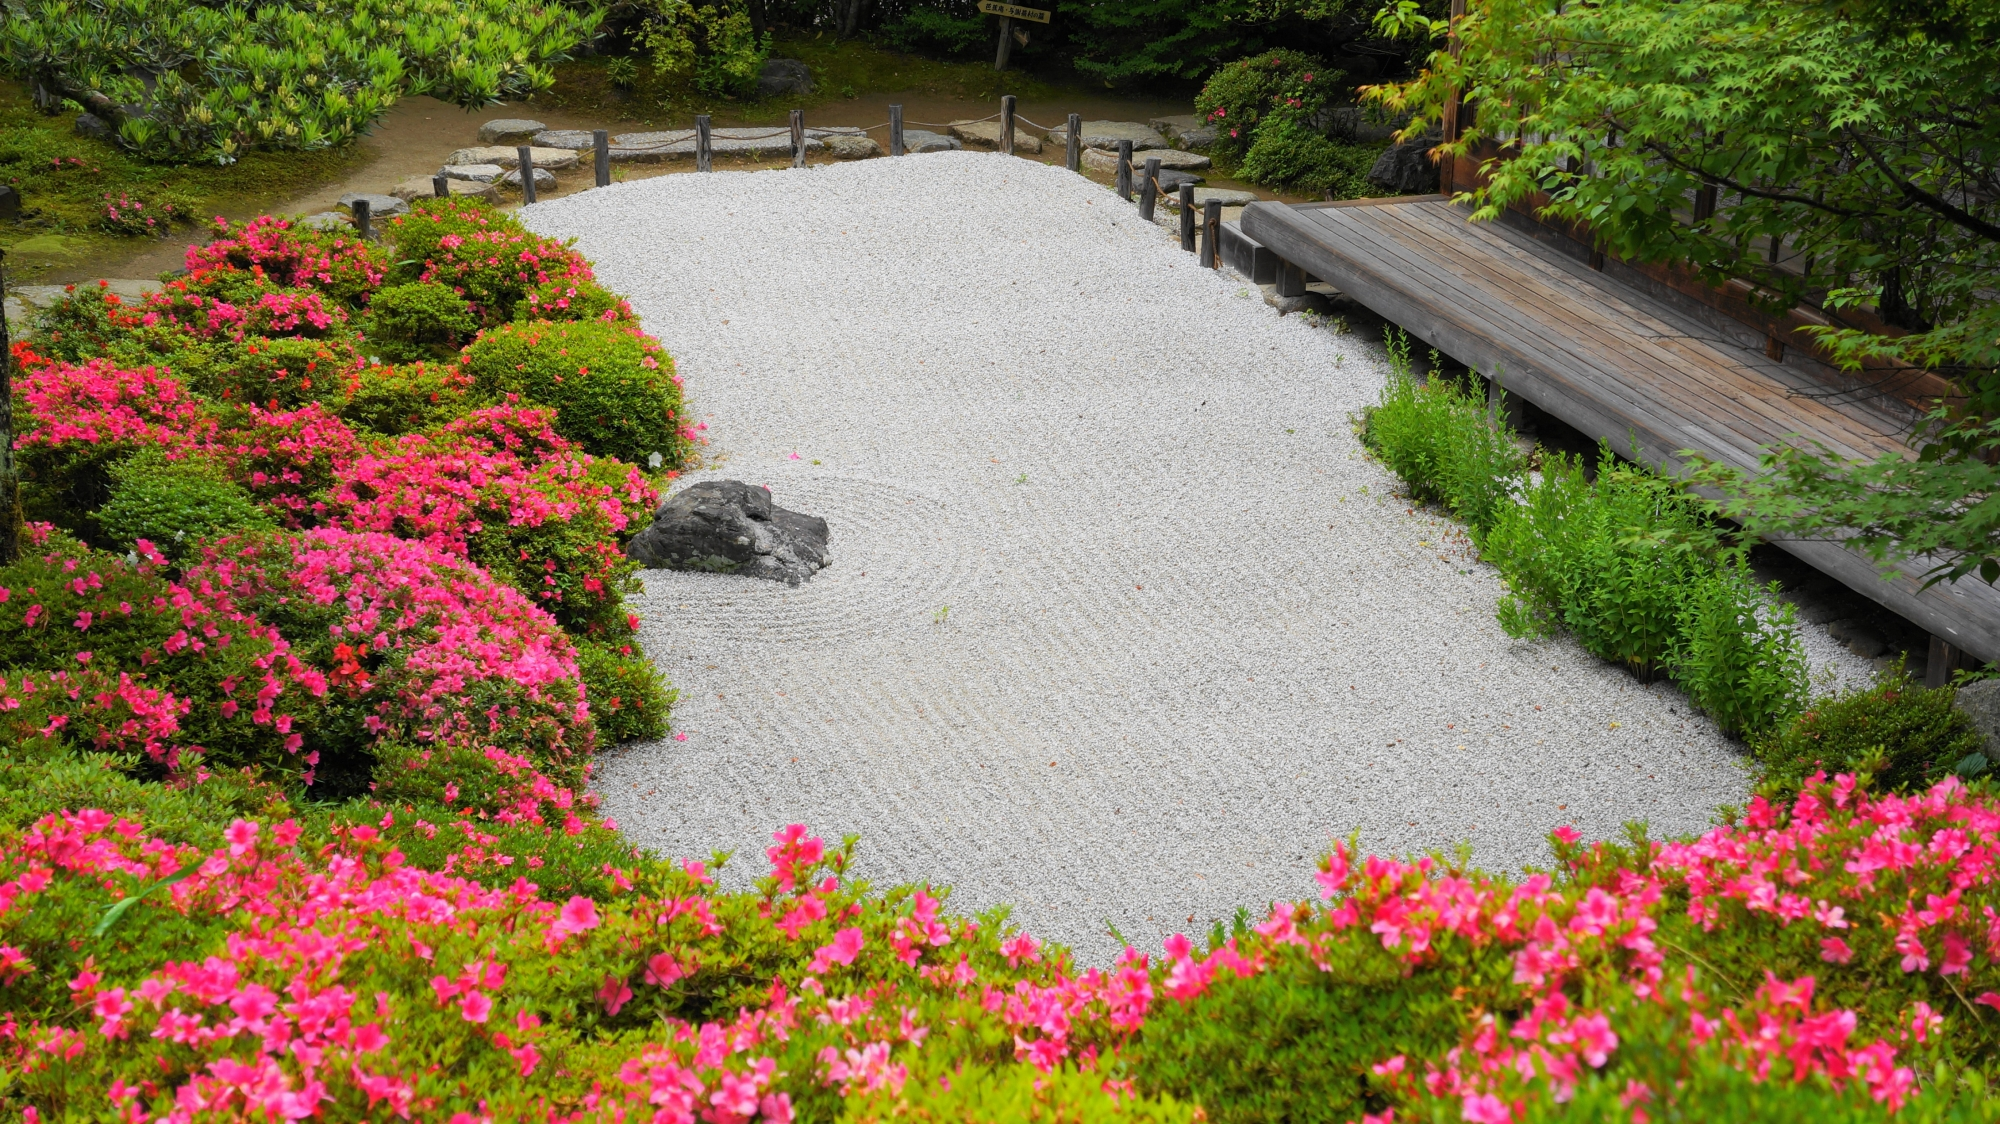 金福寺の庭園を彩る煌くピンクのサツキ